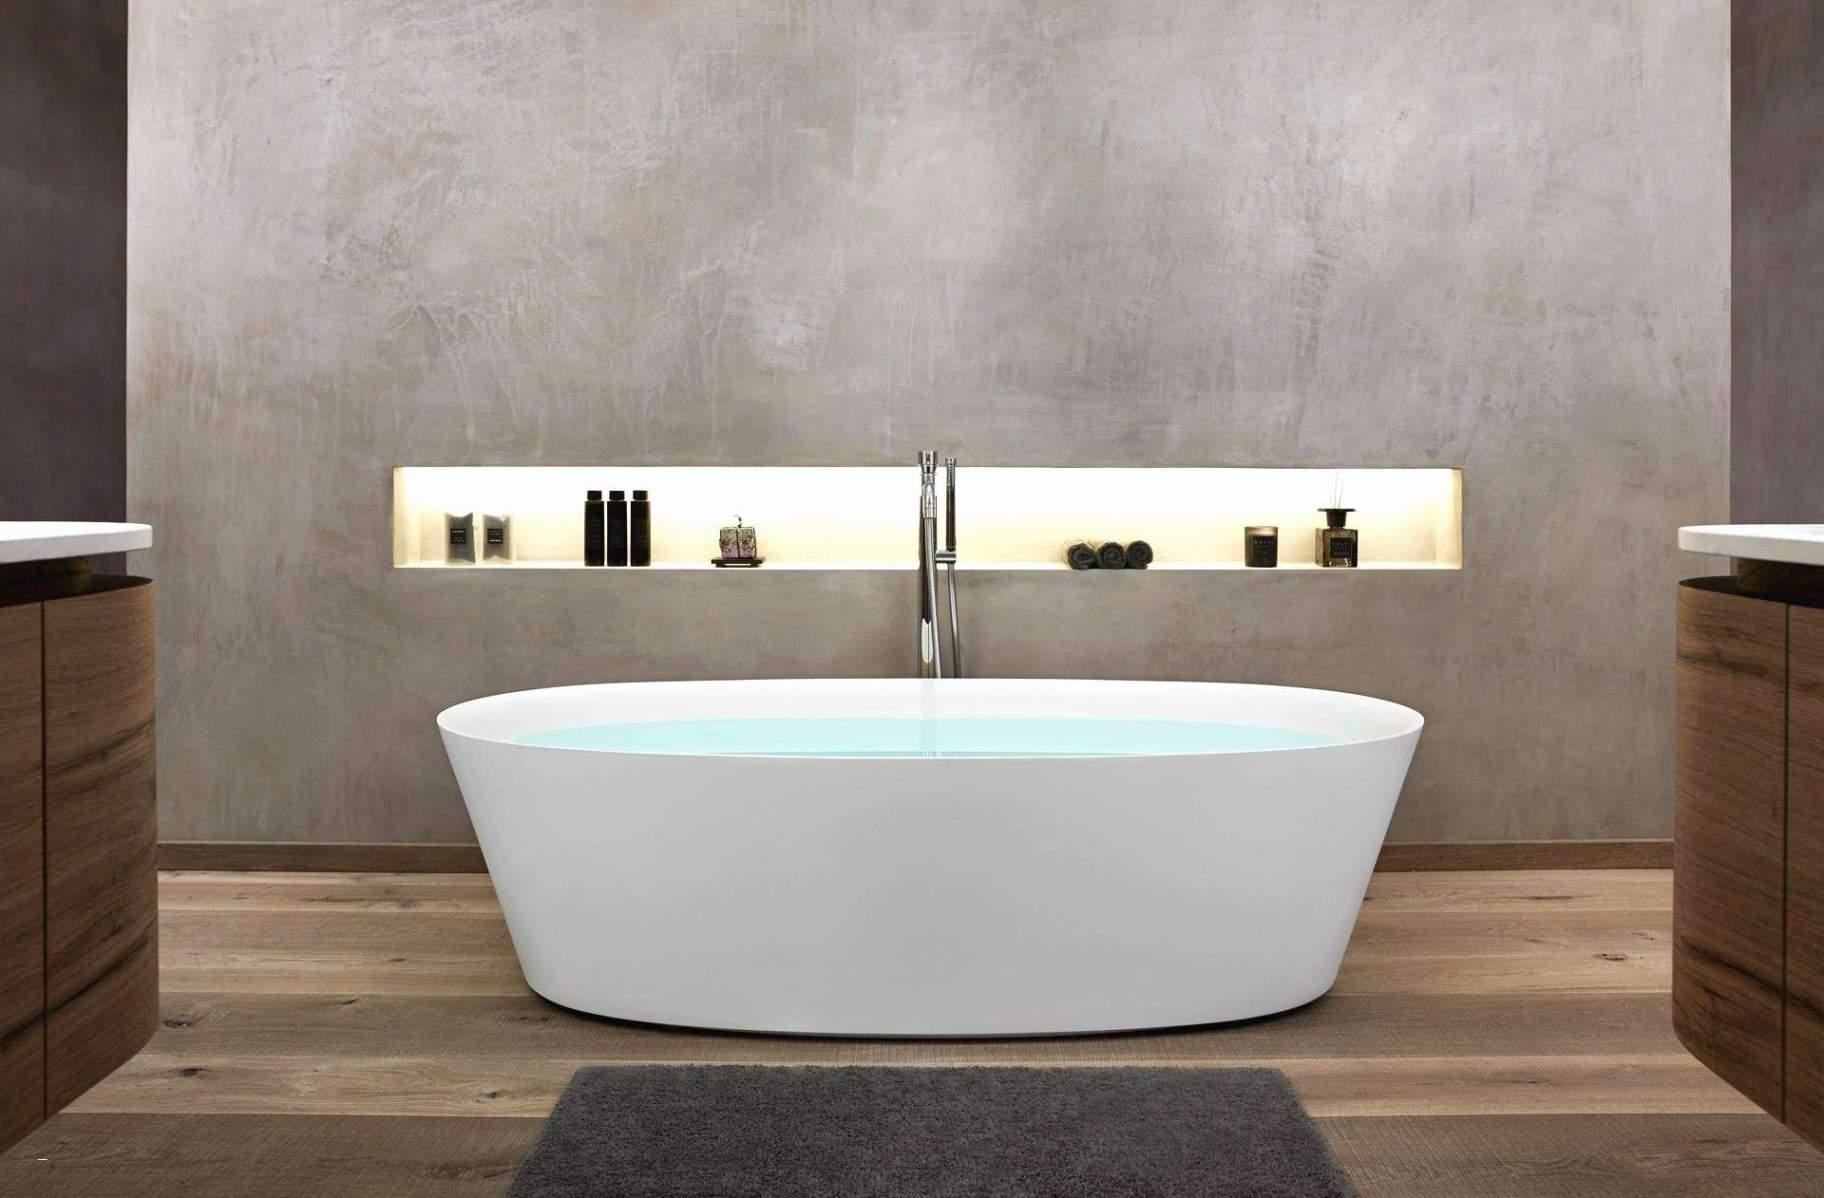 40 schon garten badewanne badewanne am fenster badewanne am fenster 1